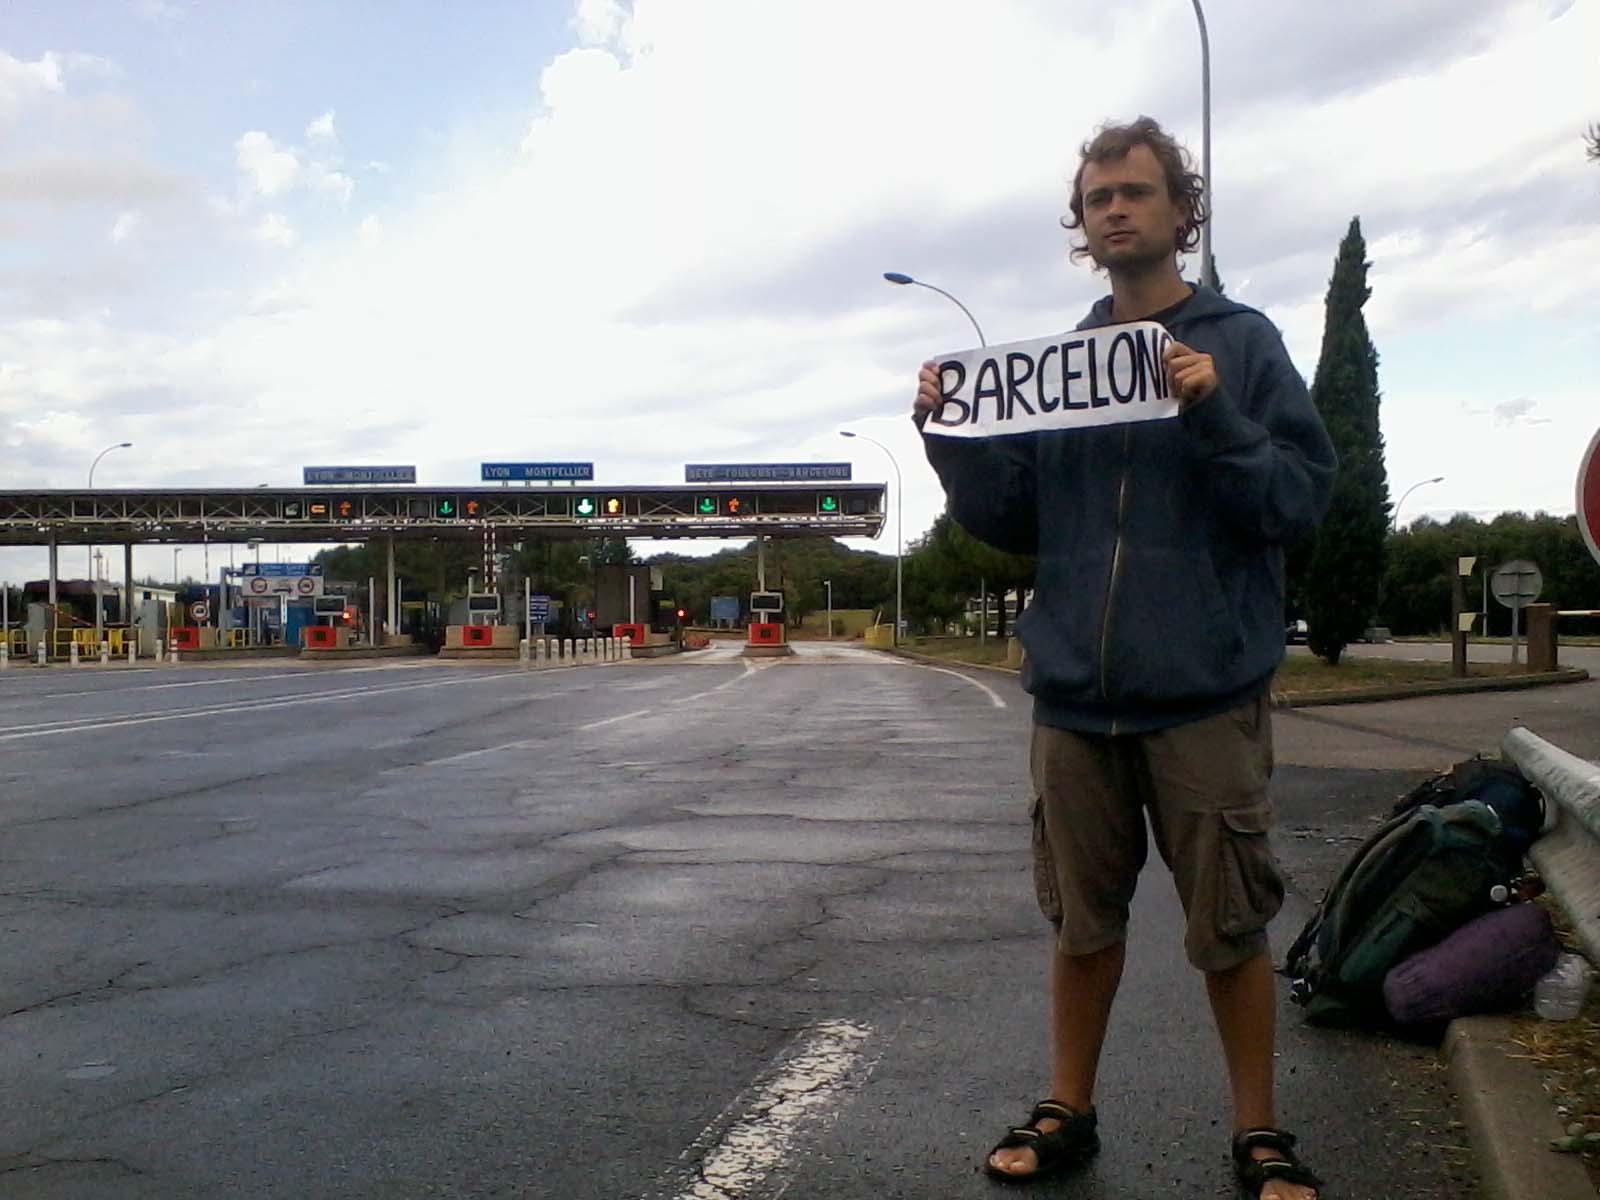 Lista marzeń - Autostopem przezEuropę - zrobione